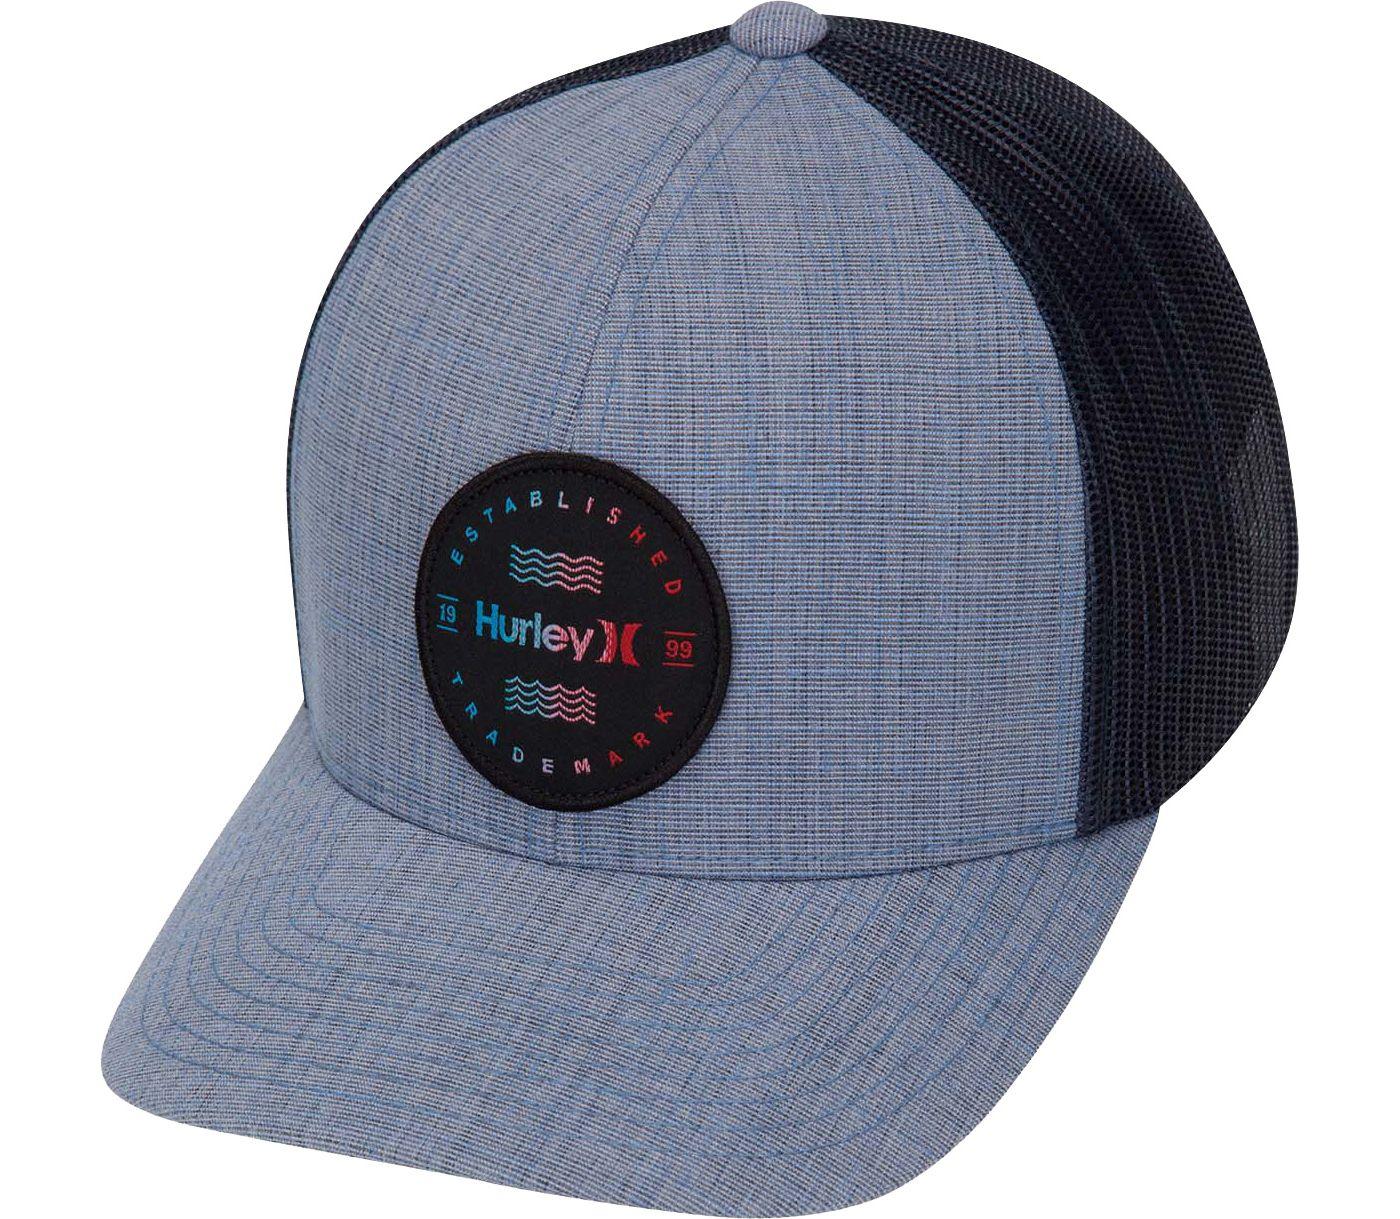 Hurley Men's Trademark Trucker Hat